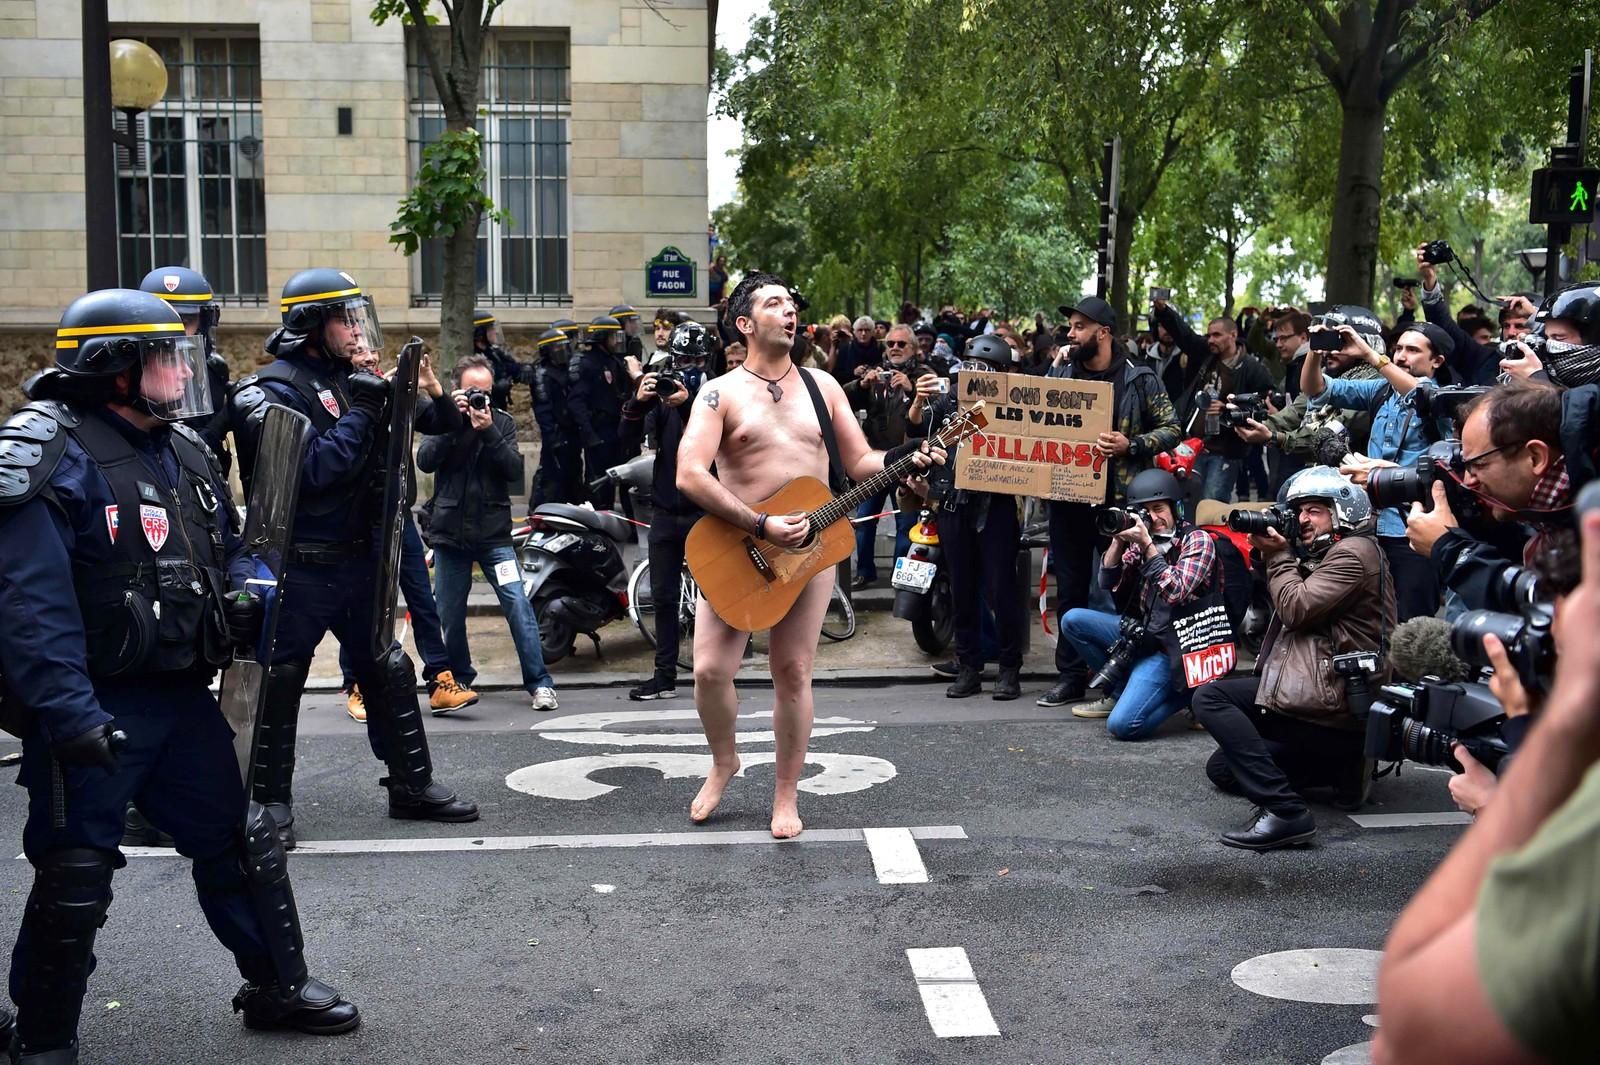 Han vet i alle fall hvordan han skal få oppmerksomhet. Denne uka demonstrerte flere i Paris mot en ny jobbreform.